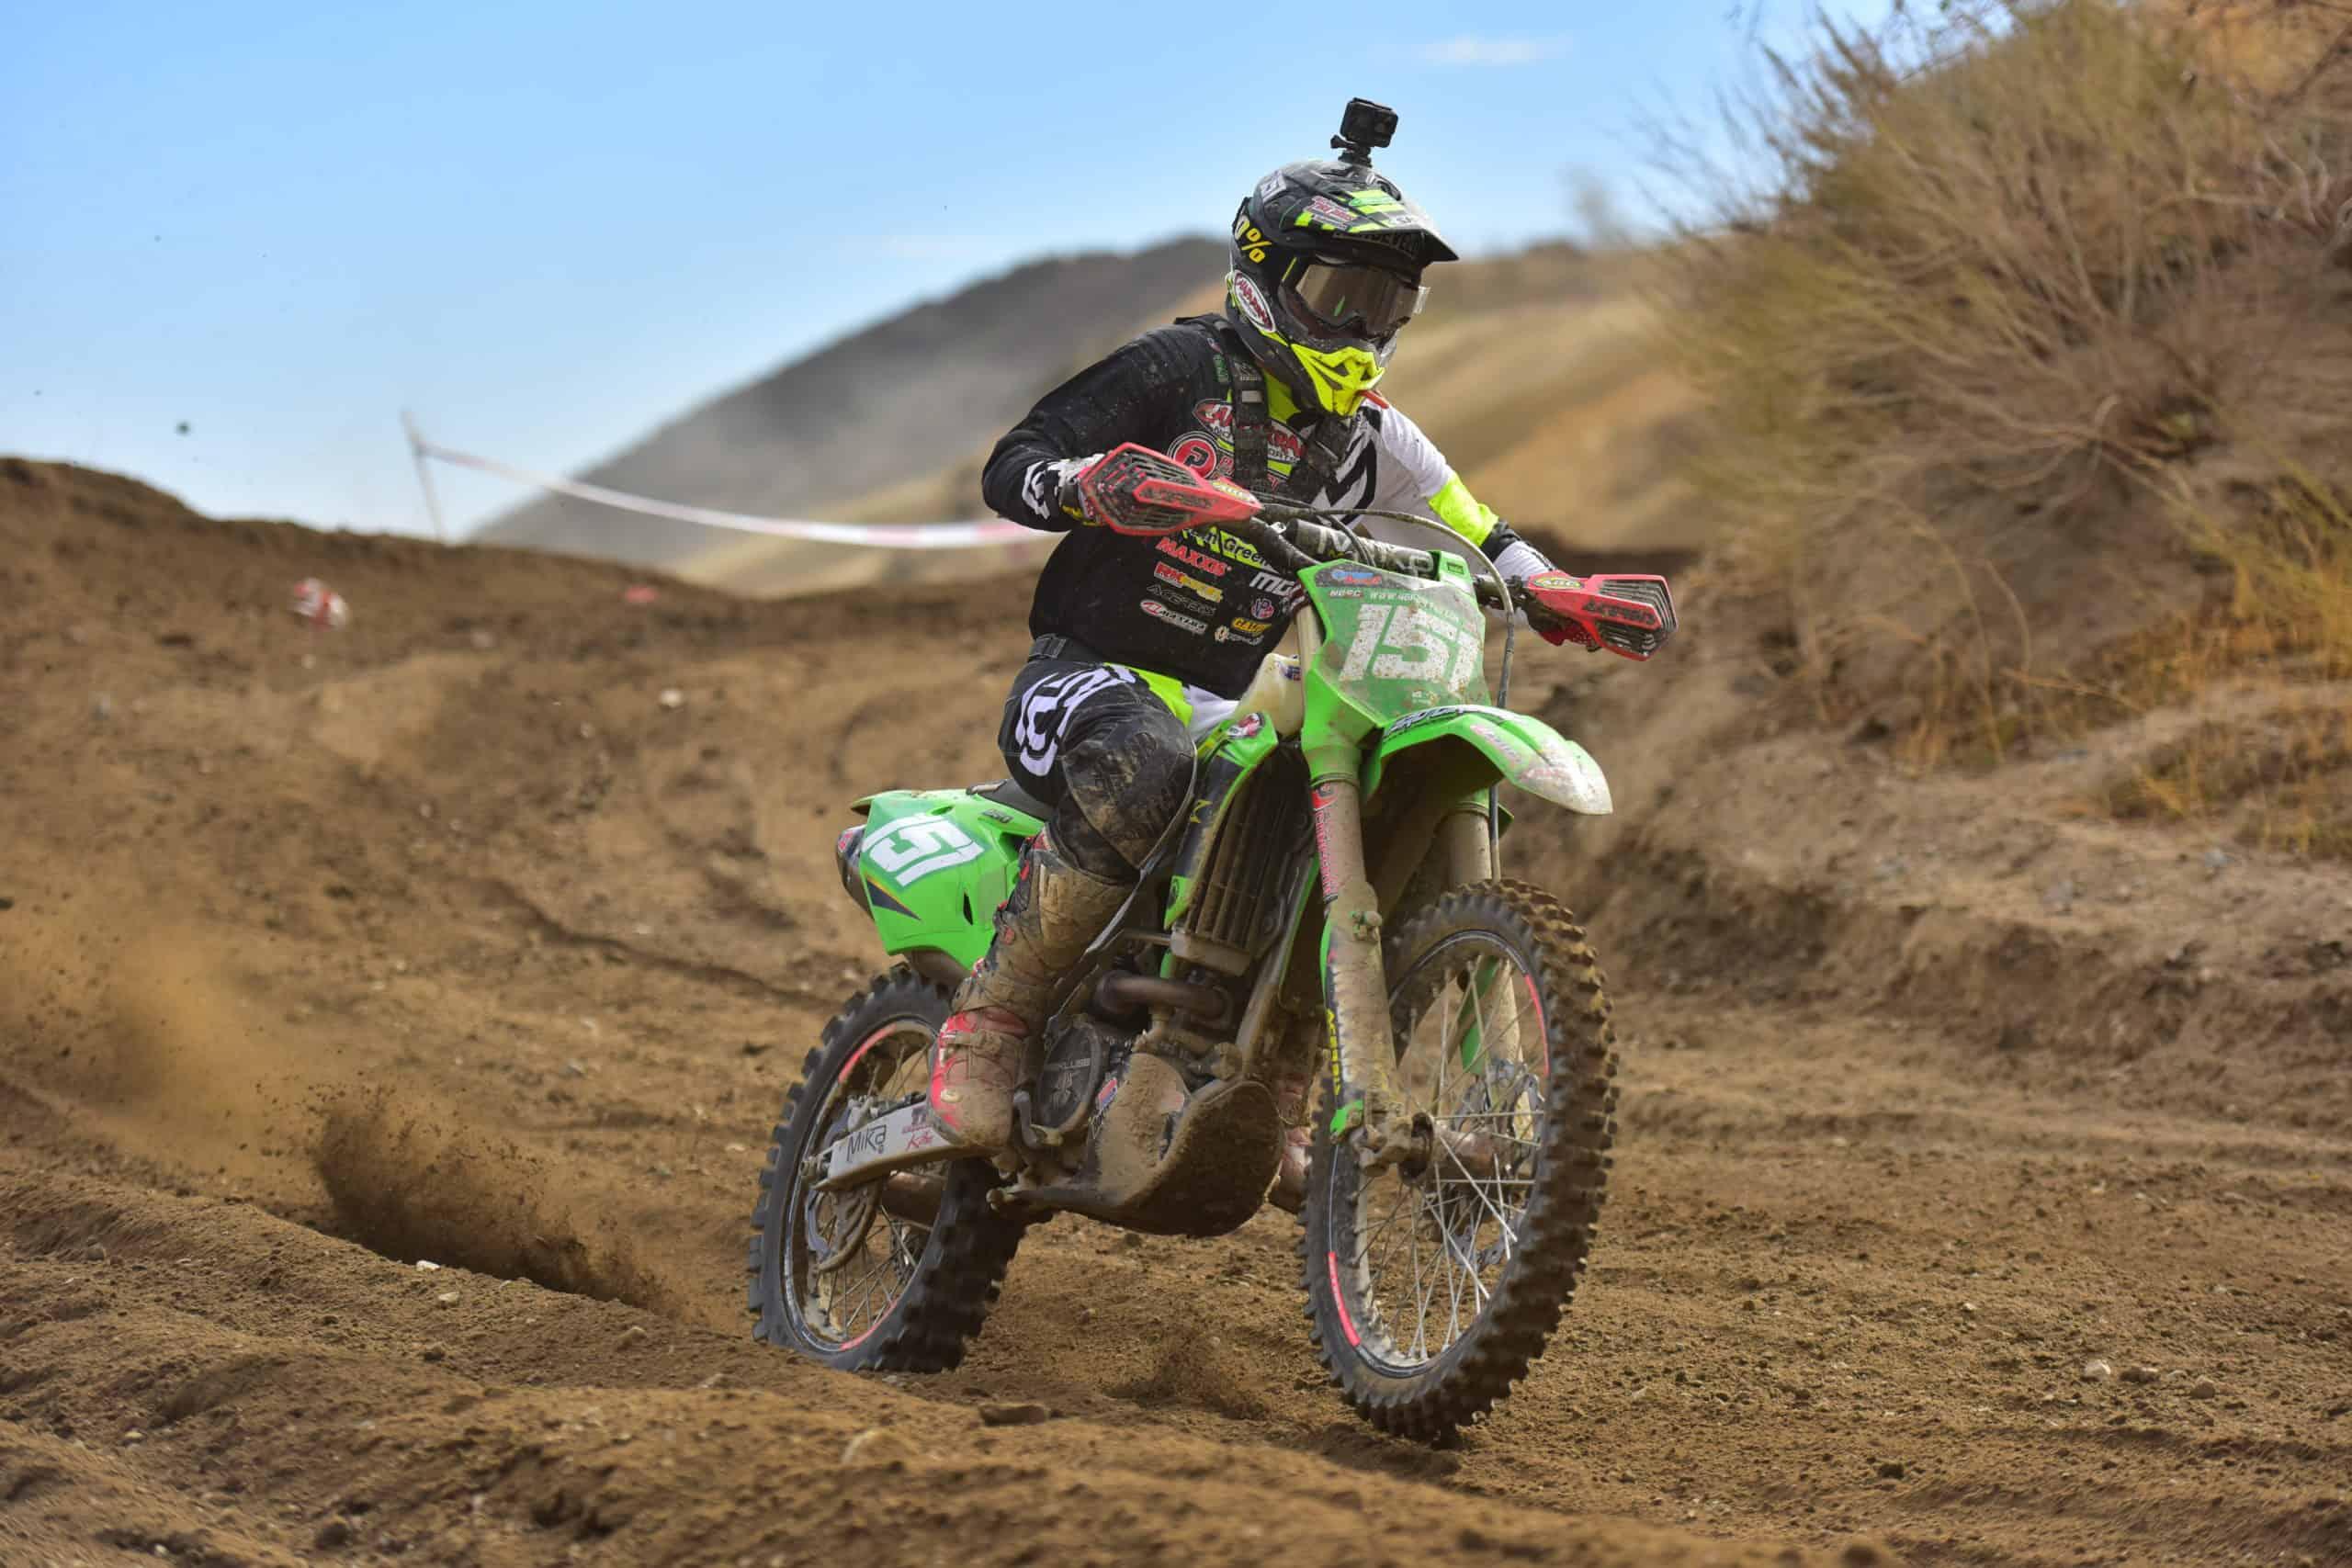 clay hengeveld riding his kx250 at the 2020 glen helen 2 ngpc race